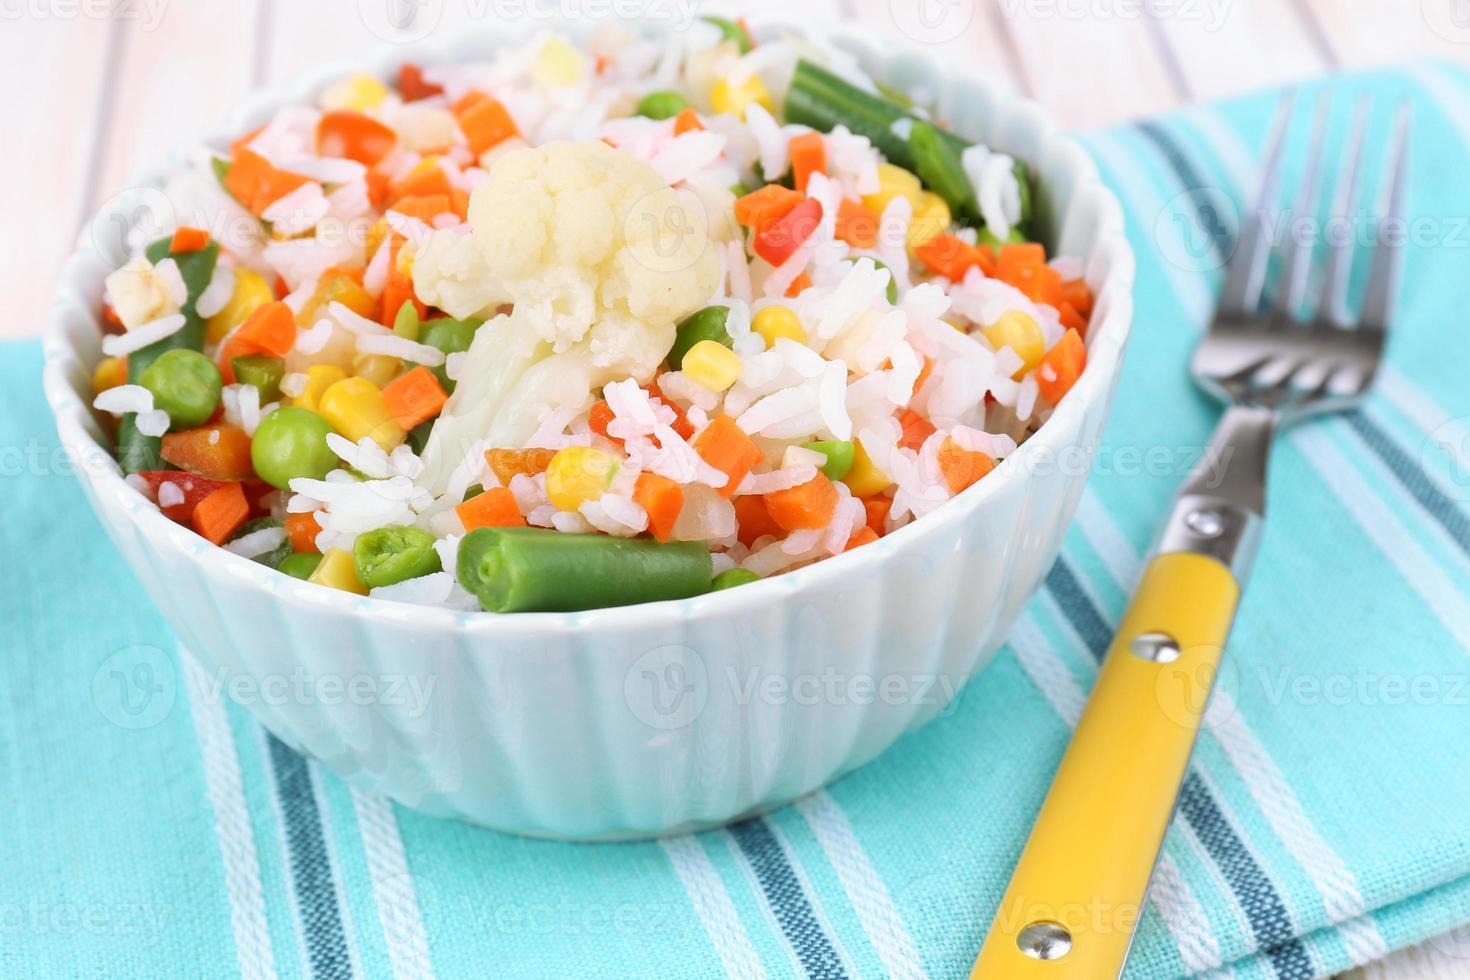 gekochter Reis mit Gemüse auf Holztisch nah oben foto